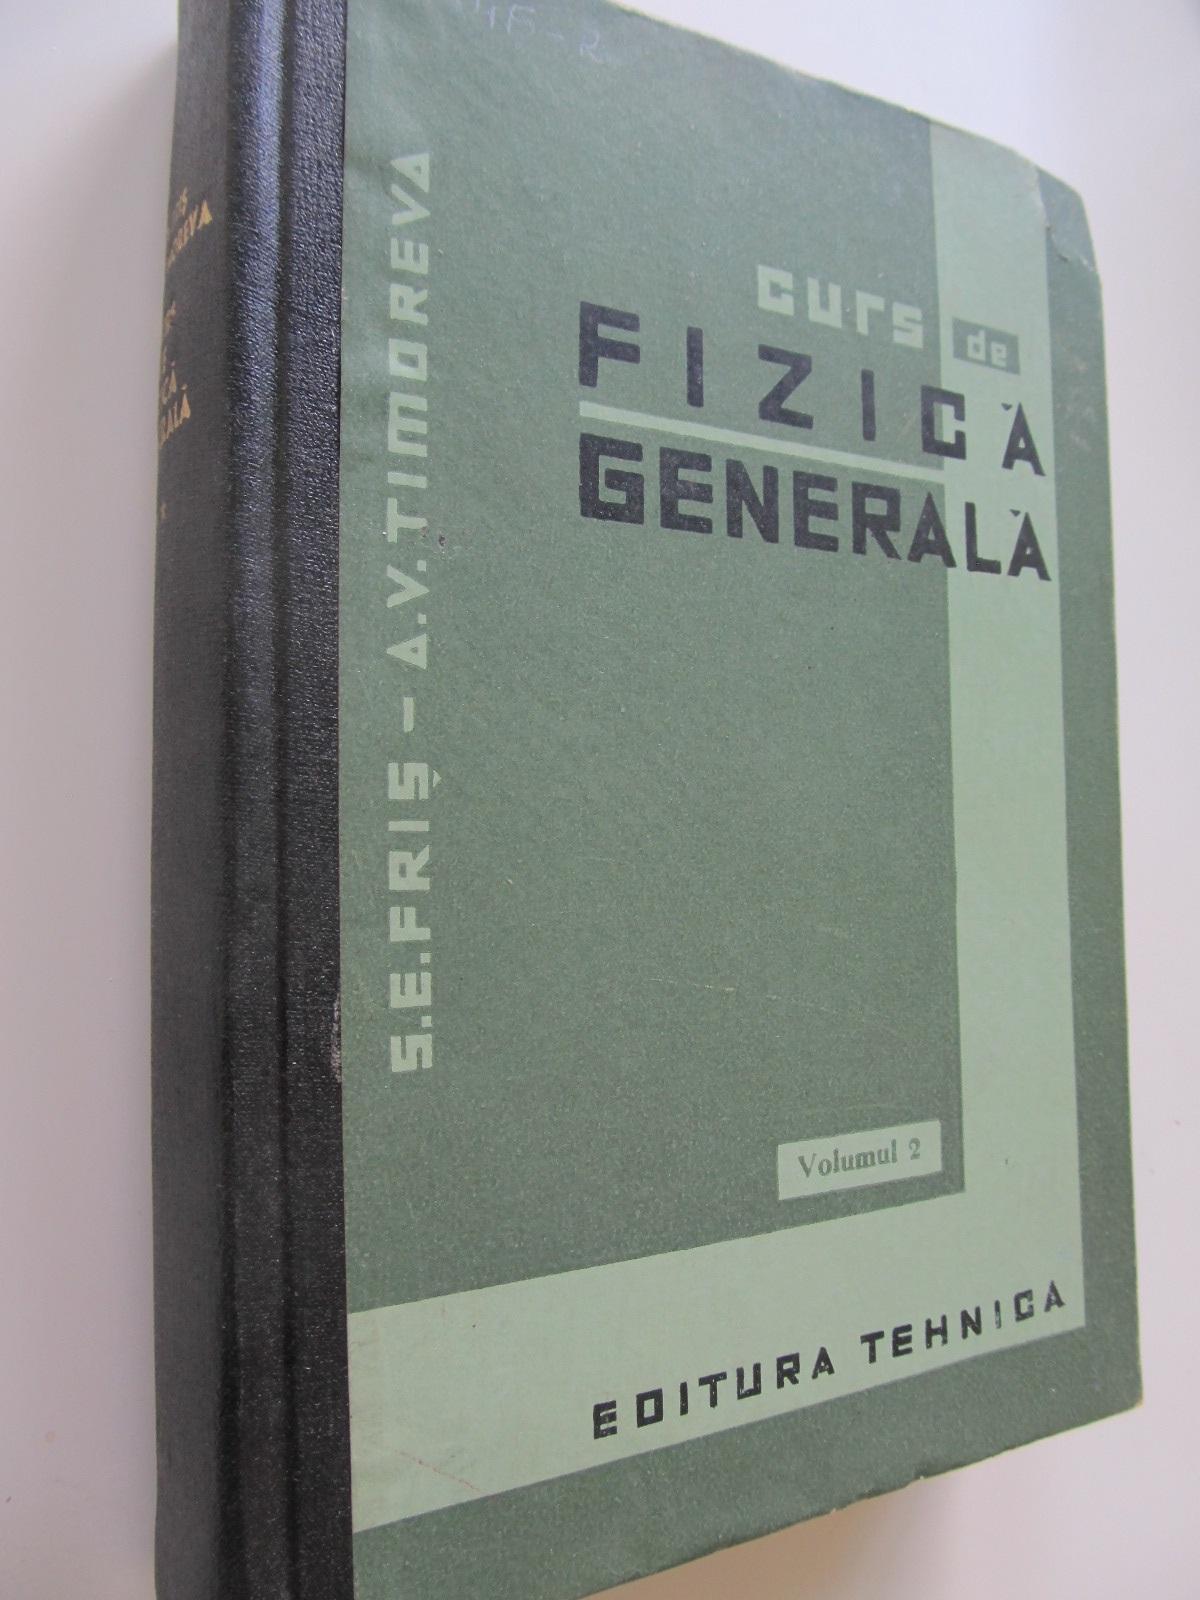 Curs de Fizica generala (Vol. 2) - electrostatica,electromagnetism,curent continuu [1] - S. E. Fris , V. Timoreva | Detalii carte